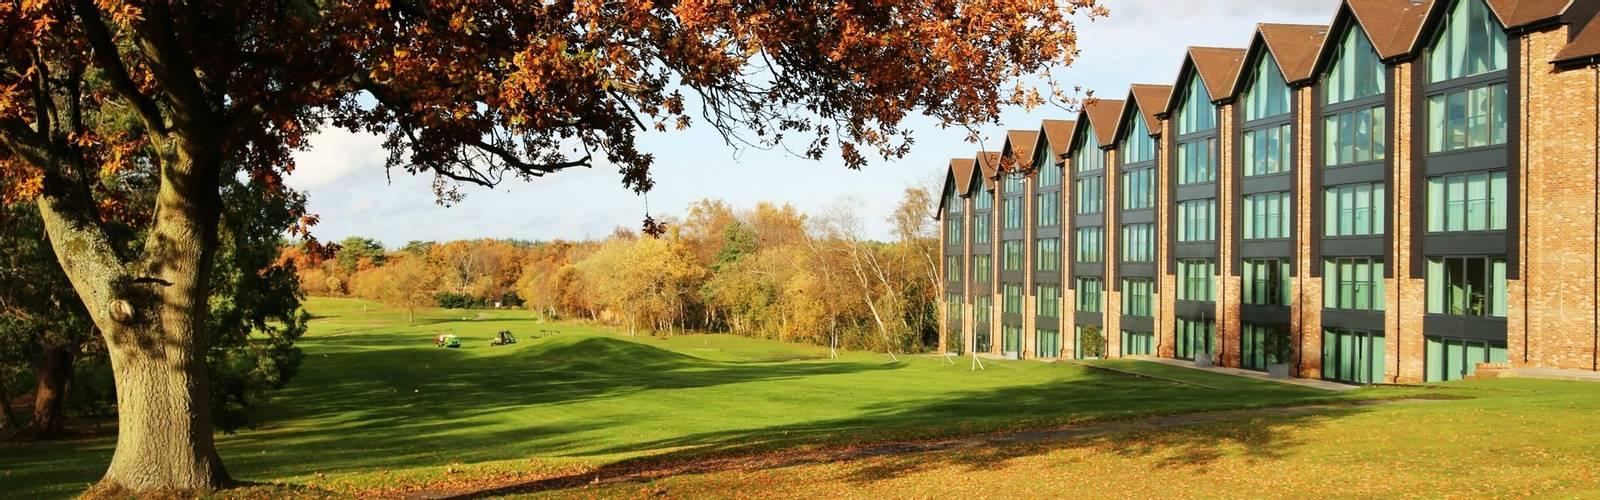 Autumn golf 2 edited.jpg